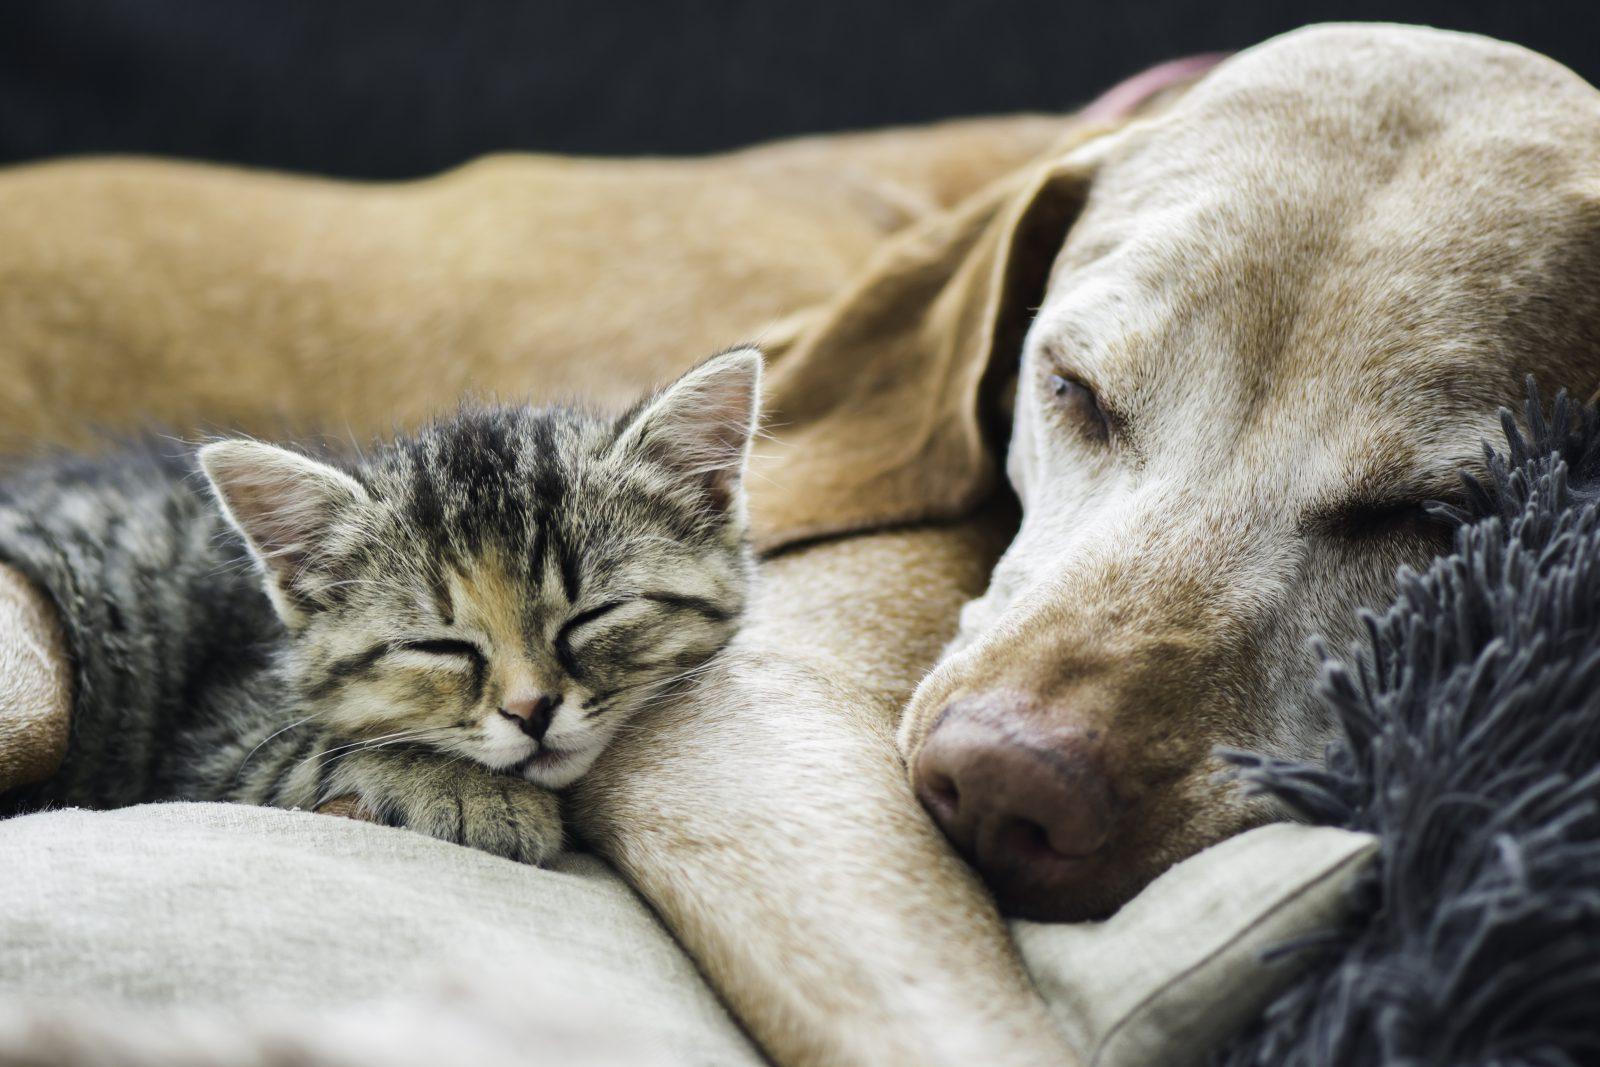 Cuidar de cachorro: Labrador adulto maduro dormindo aconchegado com filhotinho de gato.